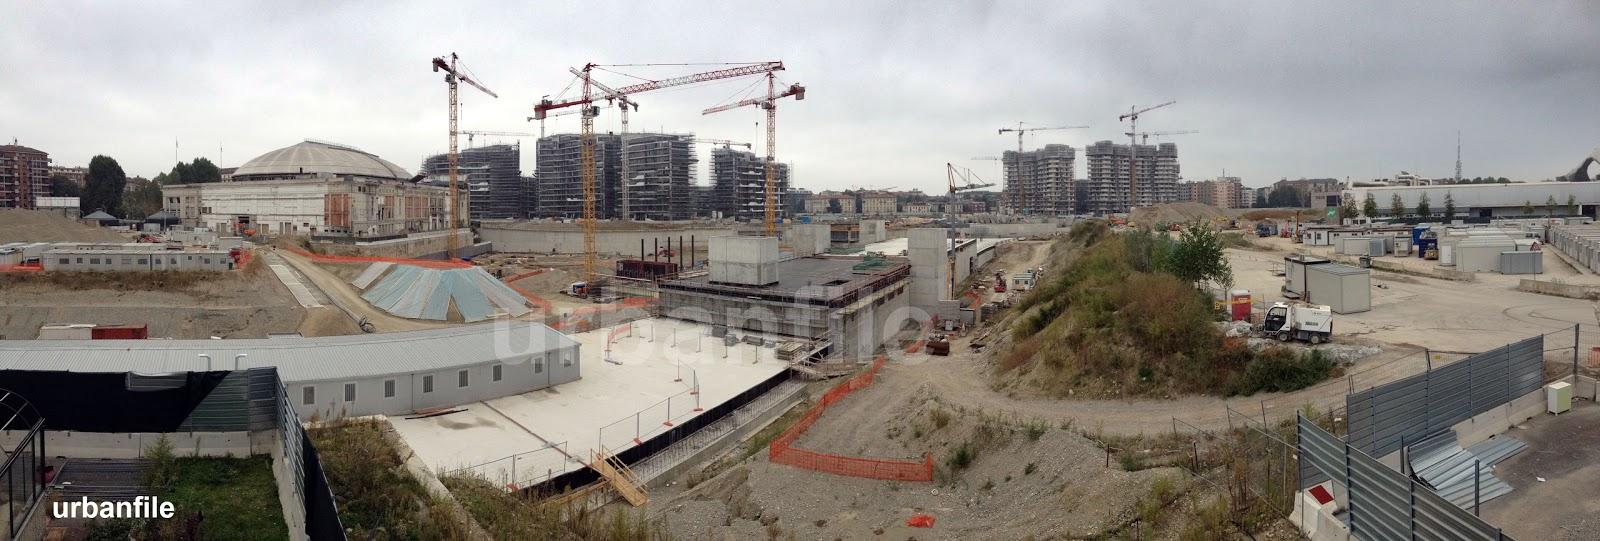 Urbanfile  Milano Visita al cantiere di CityLife 14 ottobre 2012